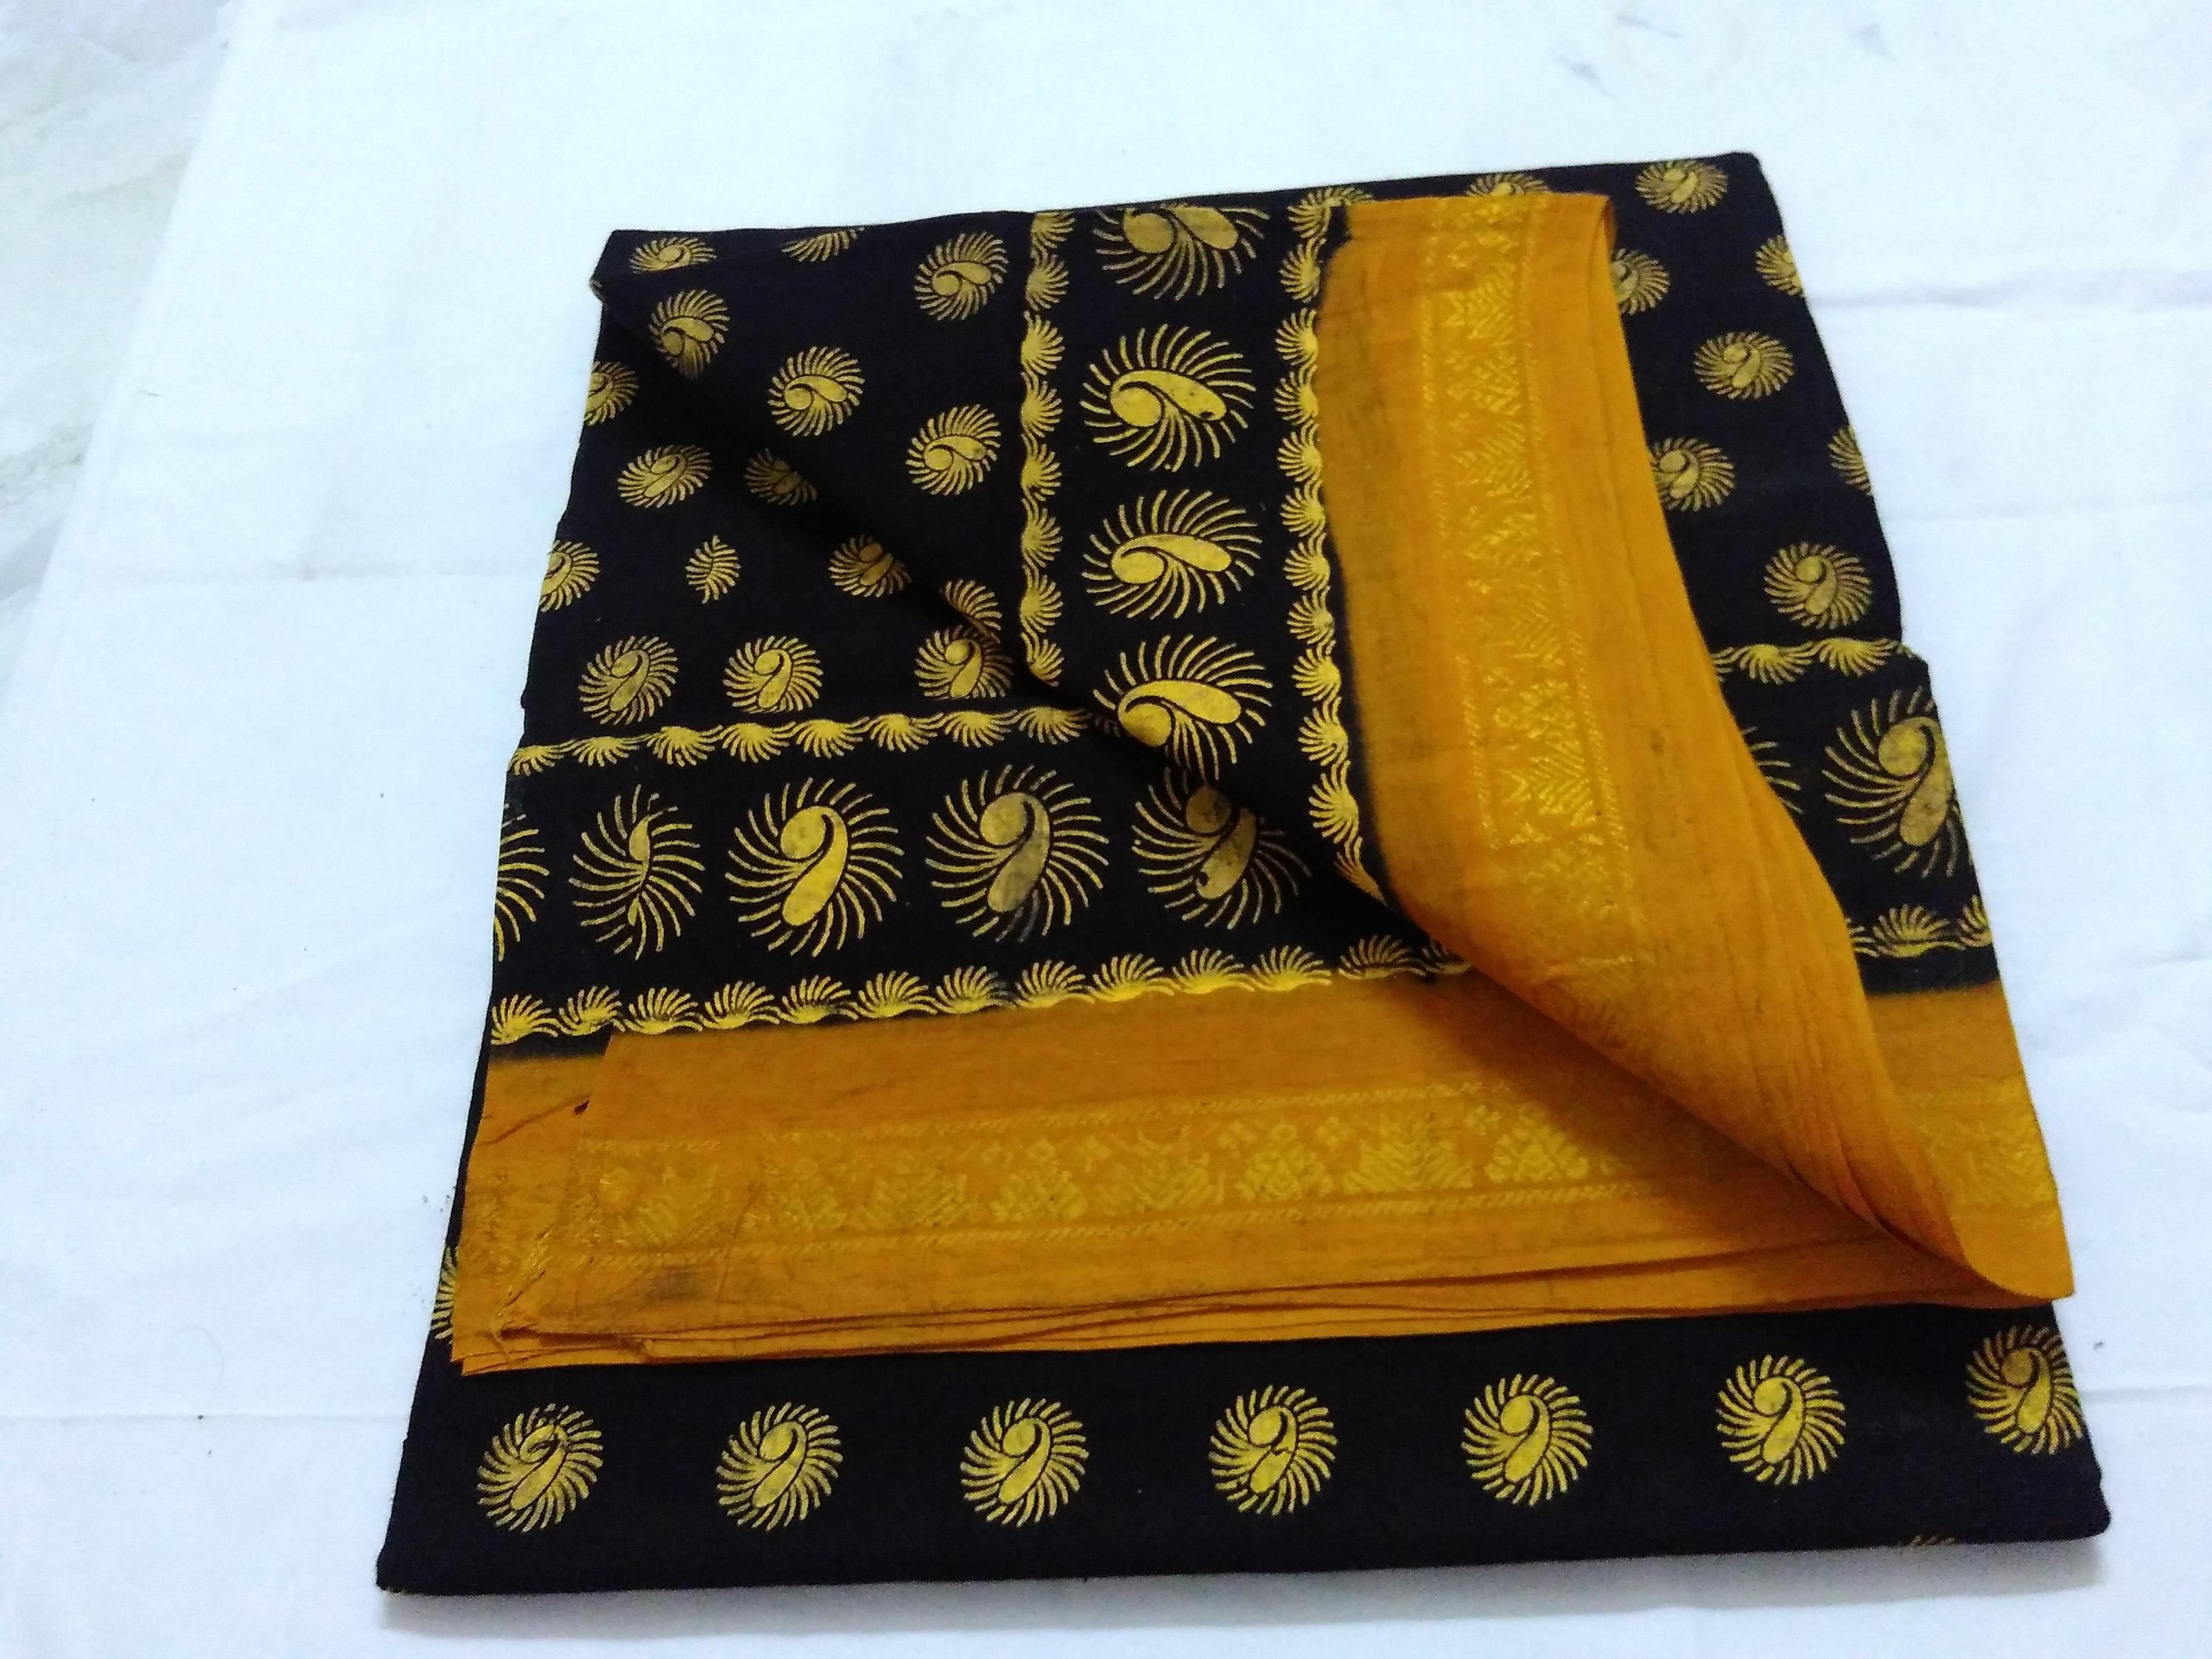 Black Cotton Saree with Floral Design Block Print Bengal Cotton Saree